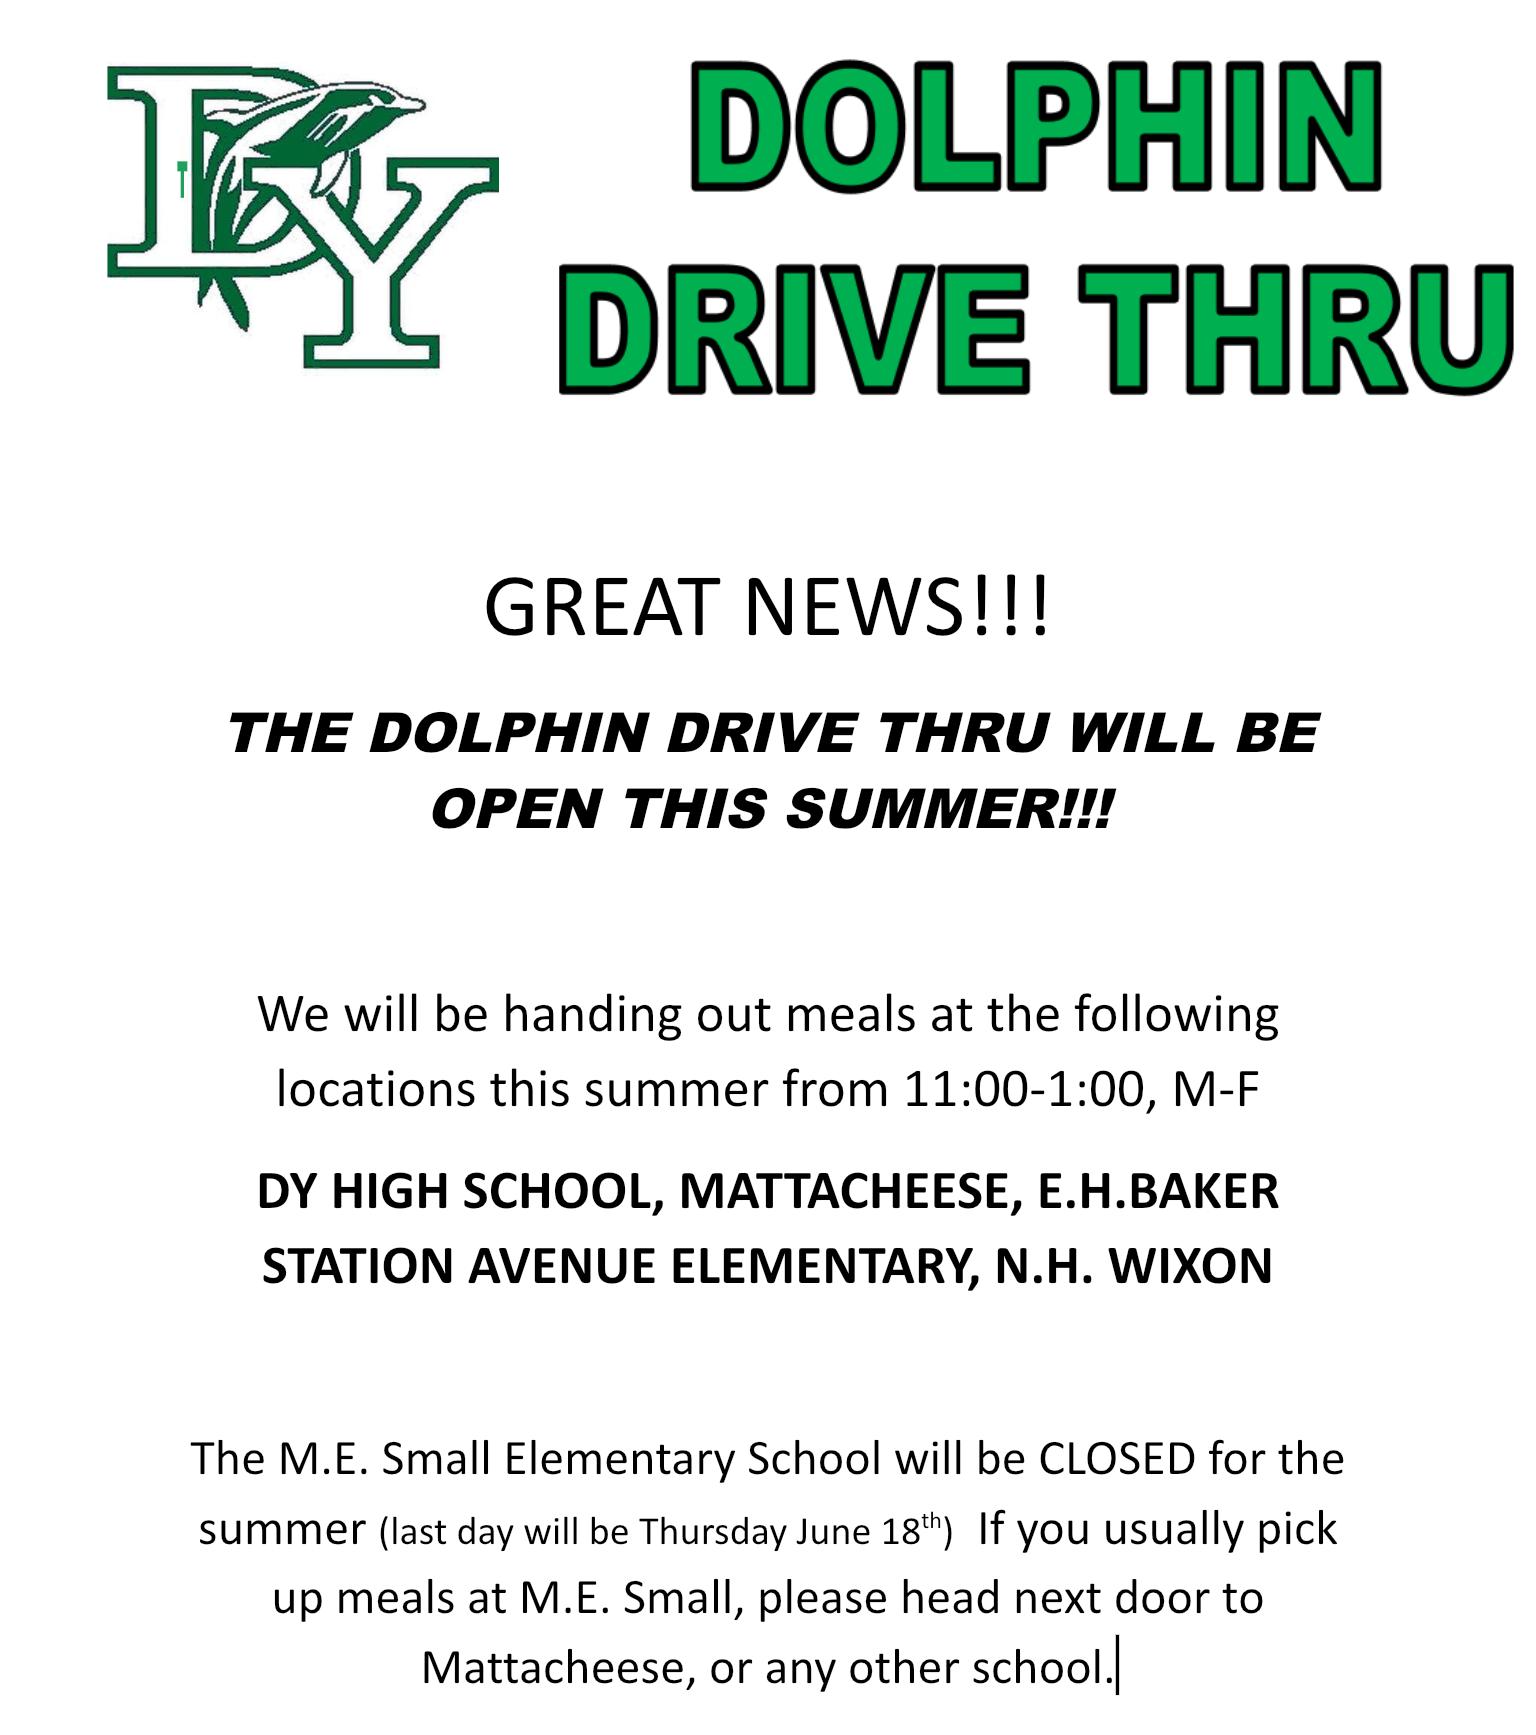 Dolphin Drive Thru Continues Through Summer